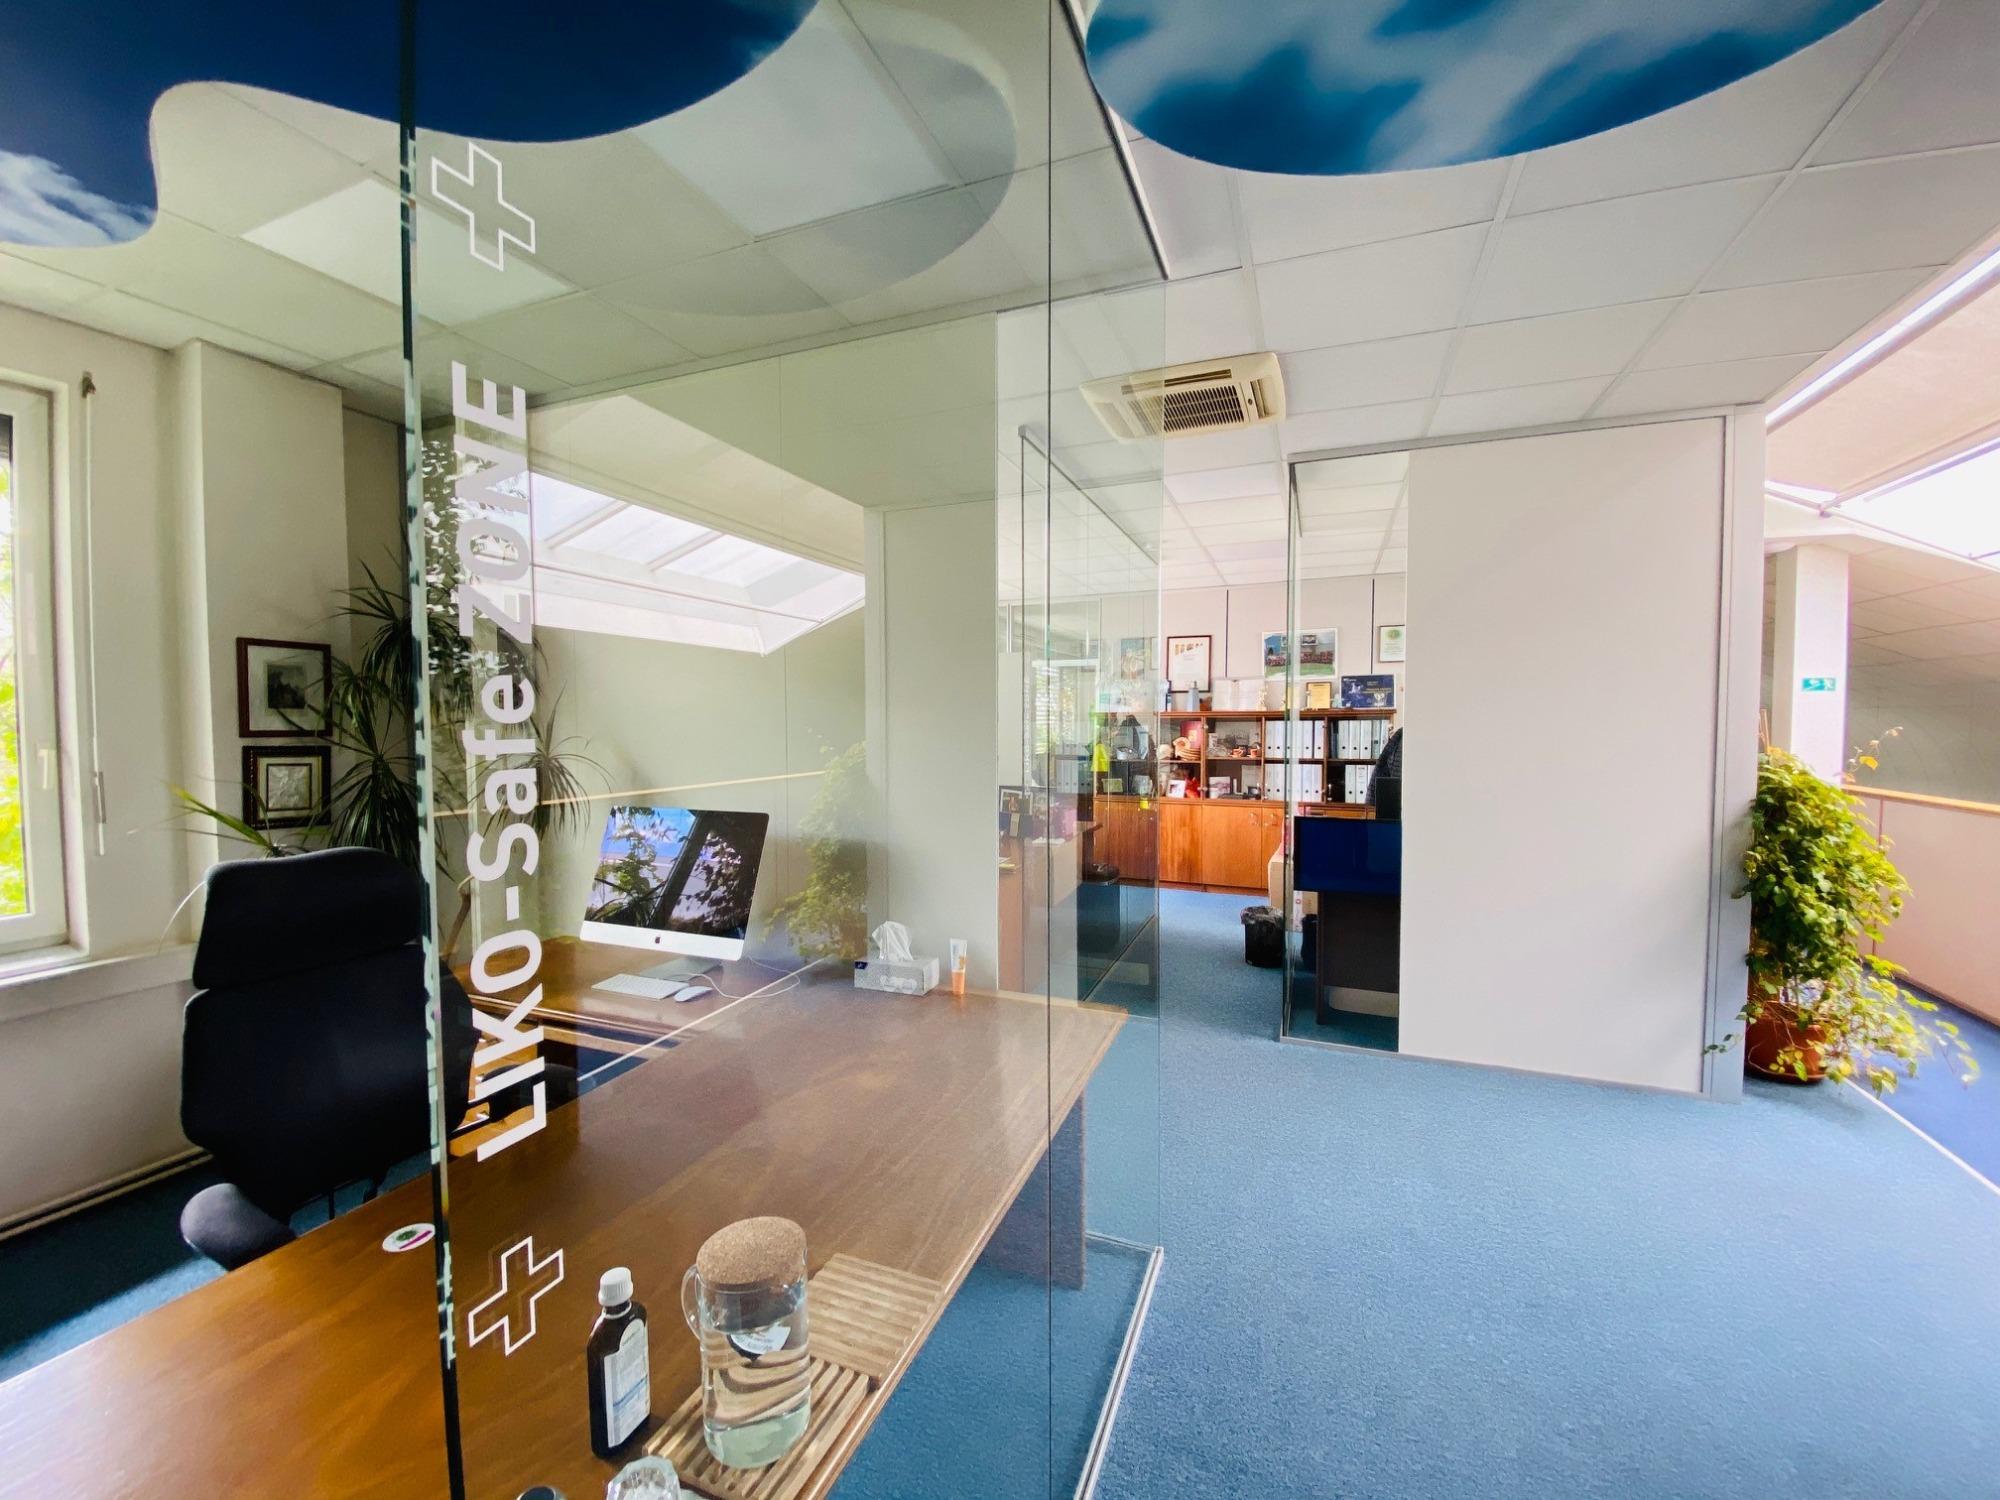 MICRA Covid transformuje naše slavkovské kanceláře